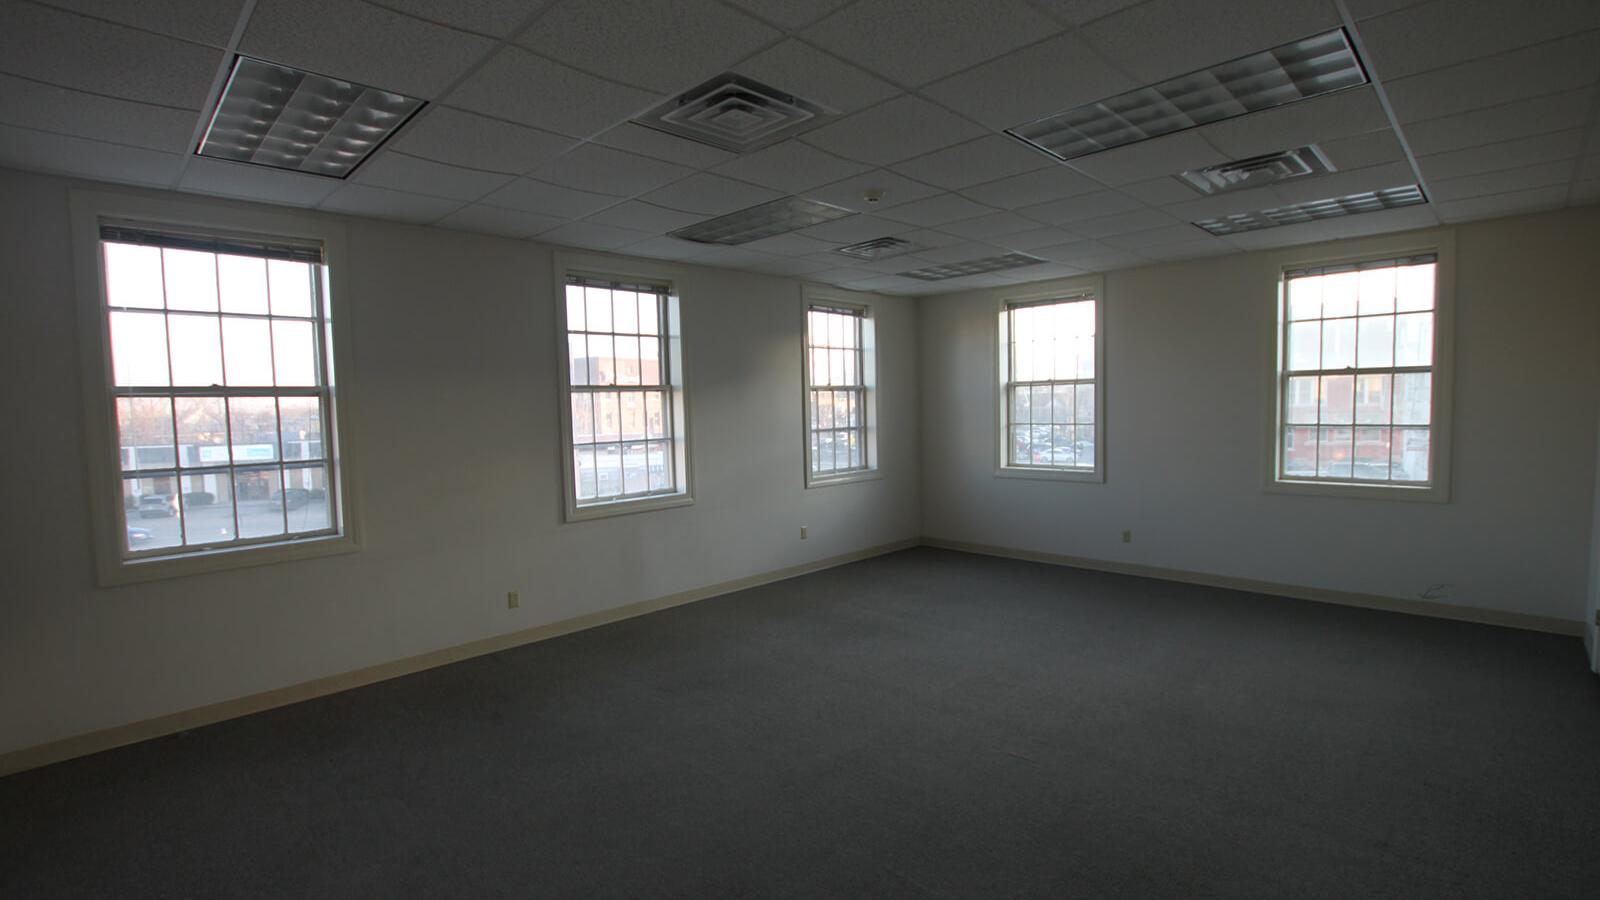 29 Main Street, Leominster, Massachusetts 01453, Office,For Lease,Main Street,1311